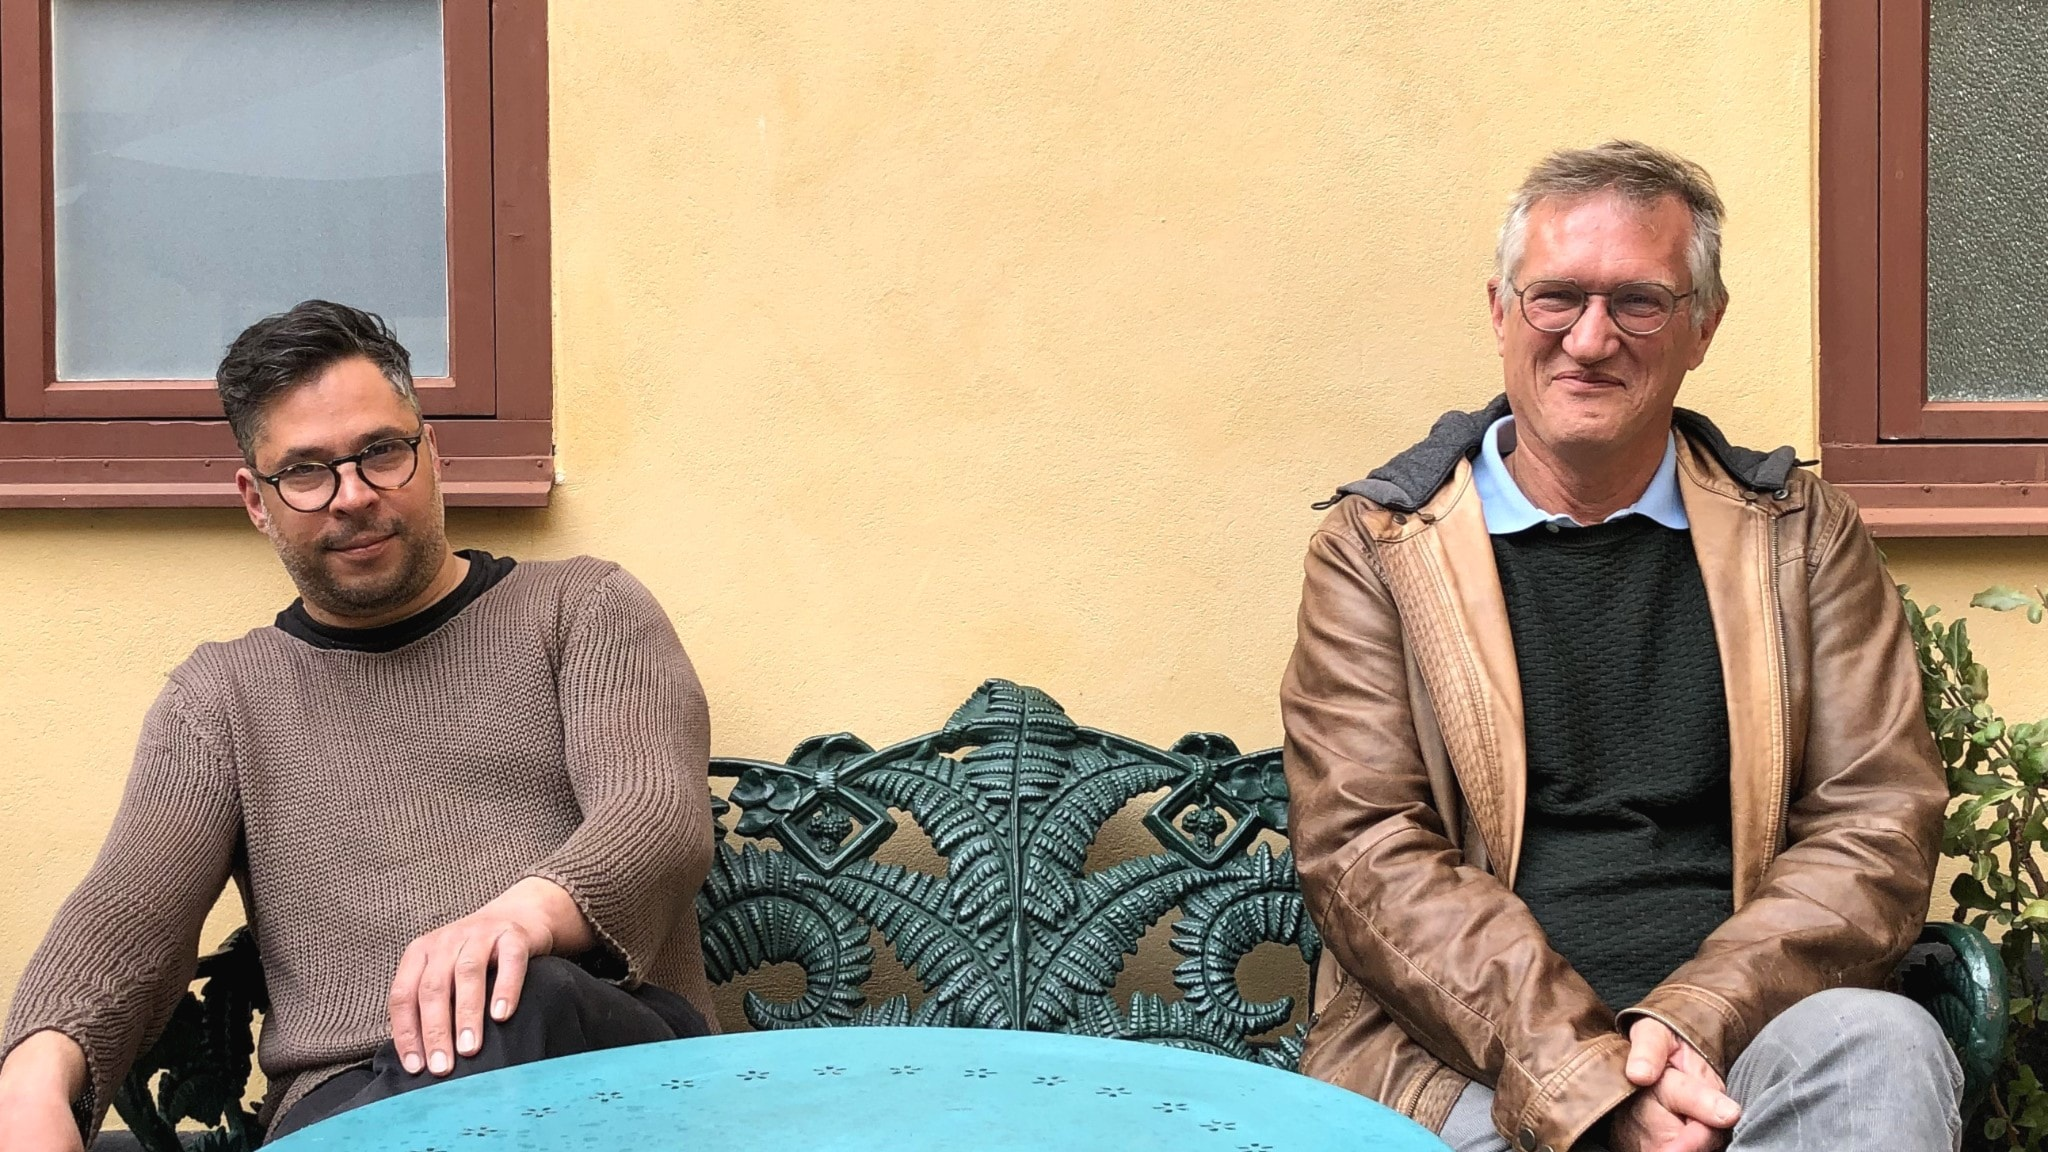 Anders Tegnell och Martin Wicklin sitter på en bänk bredvid varandra med avstånd